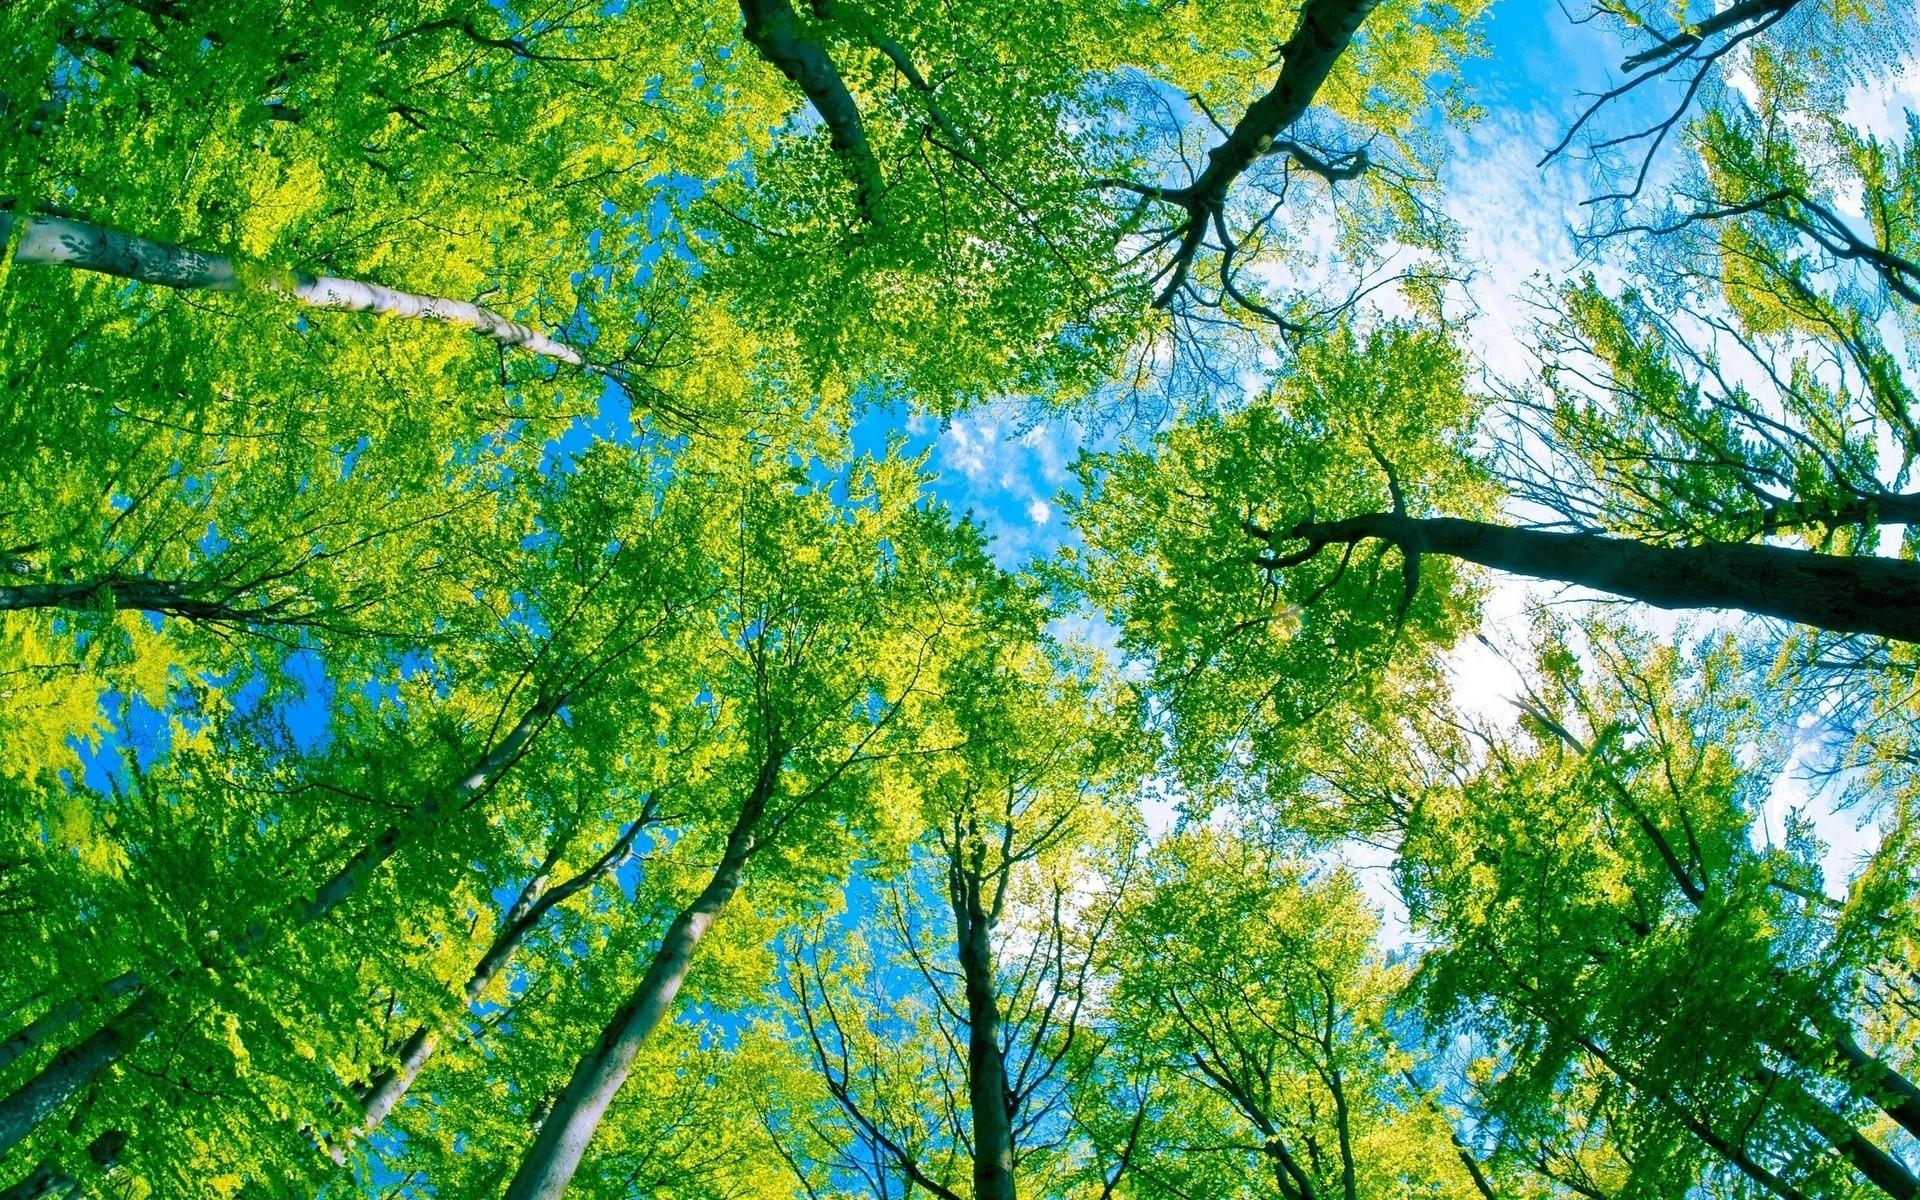 Textura de árboles - 1920x1200